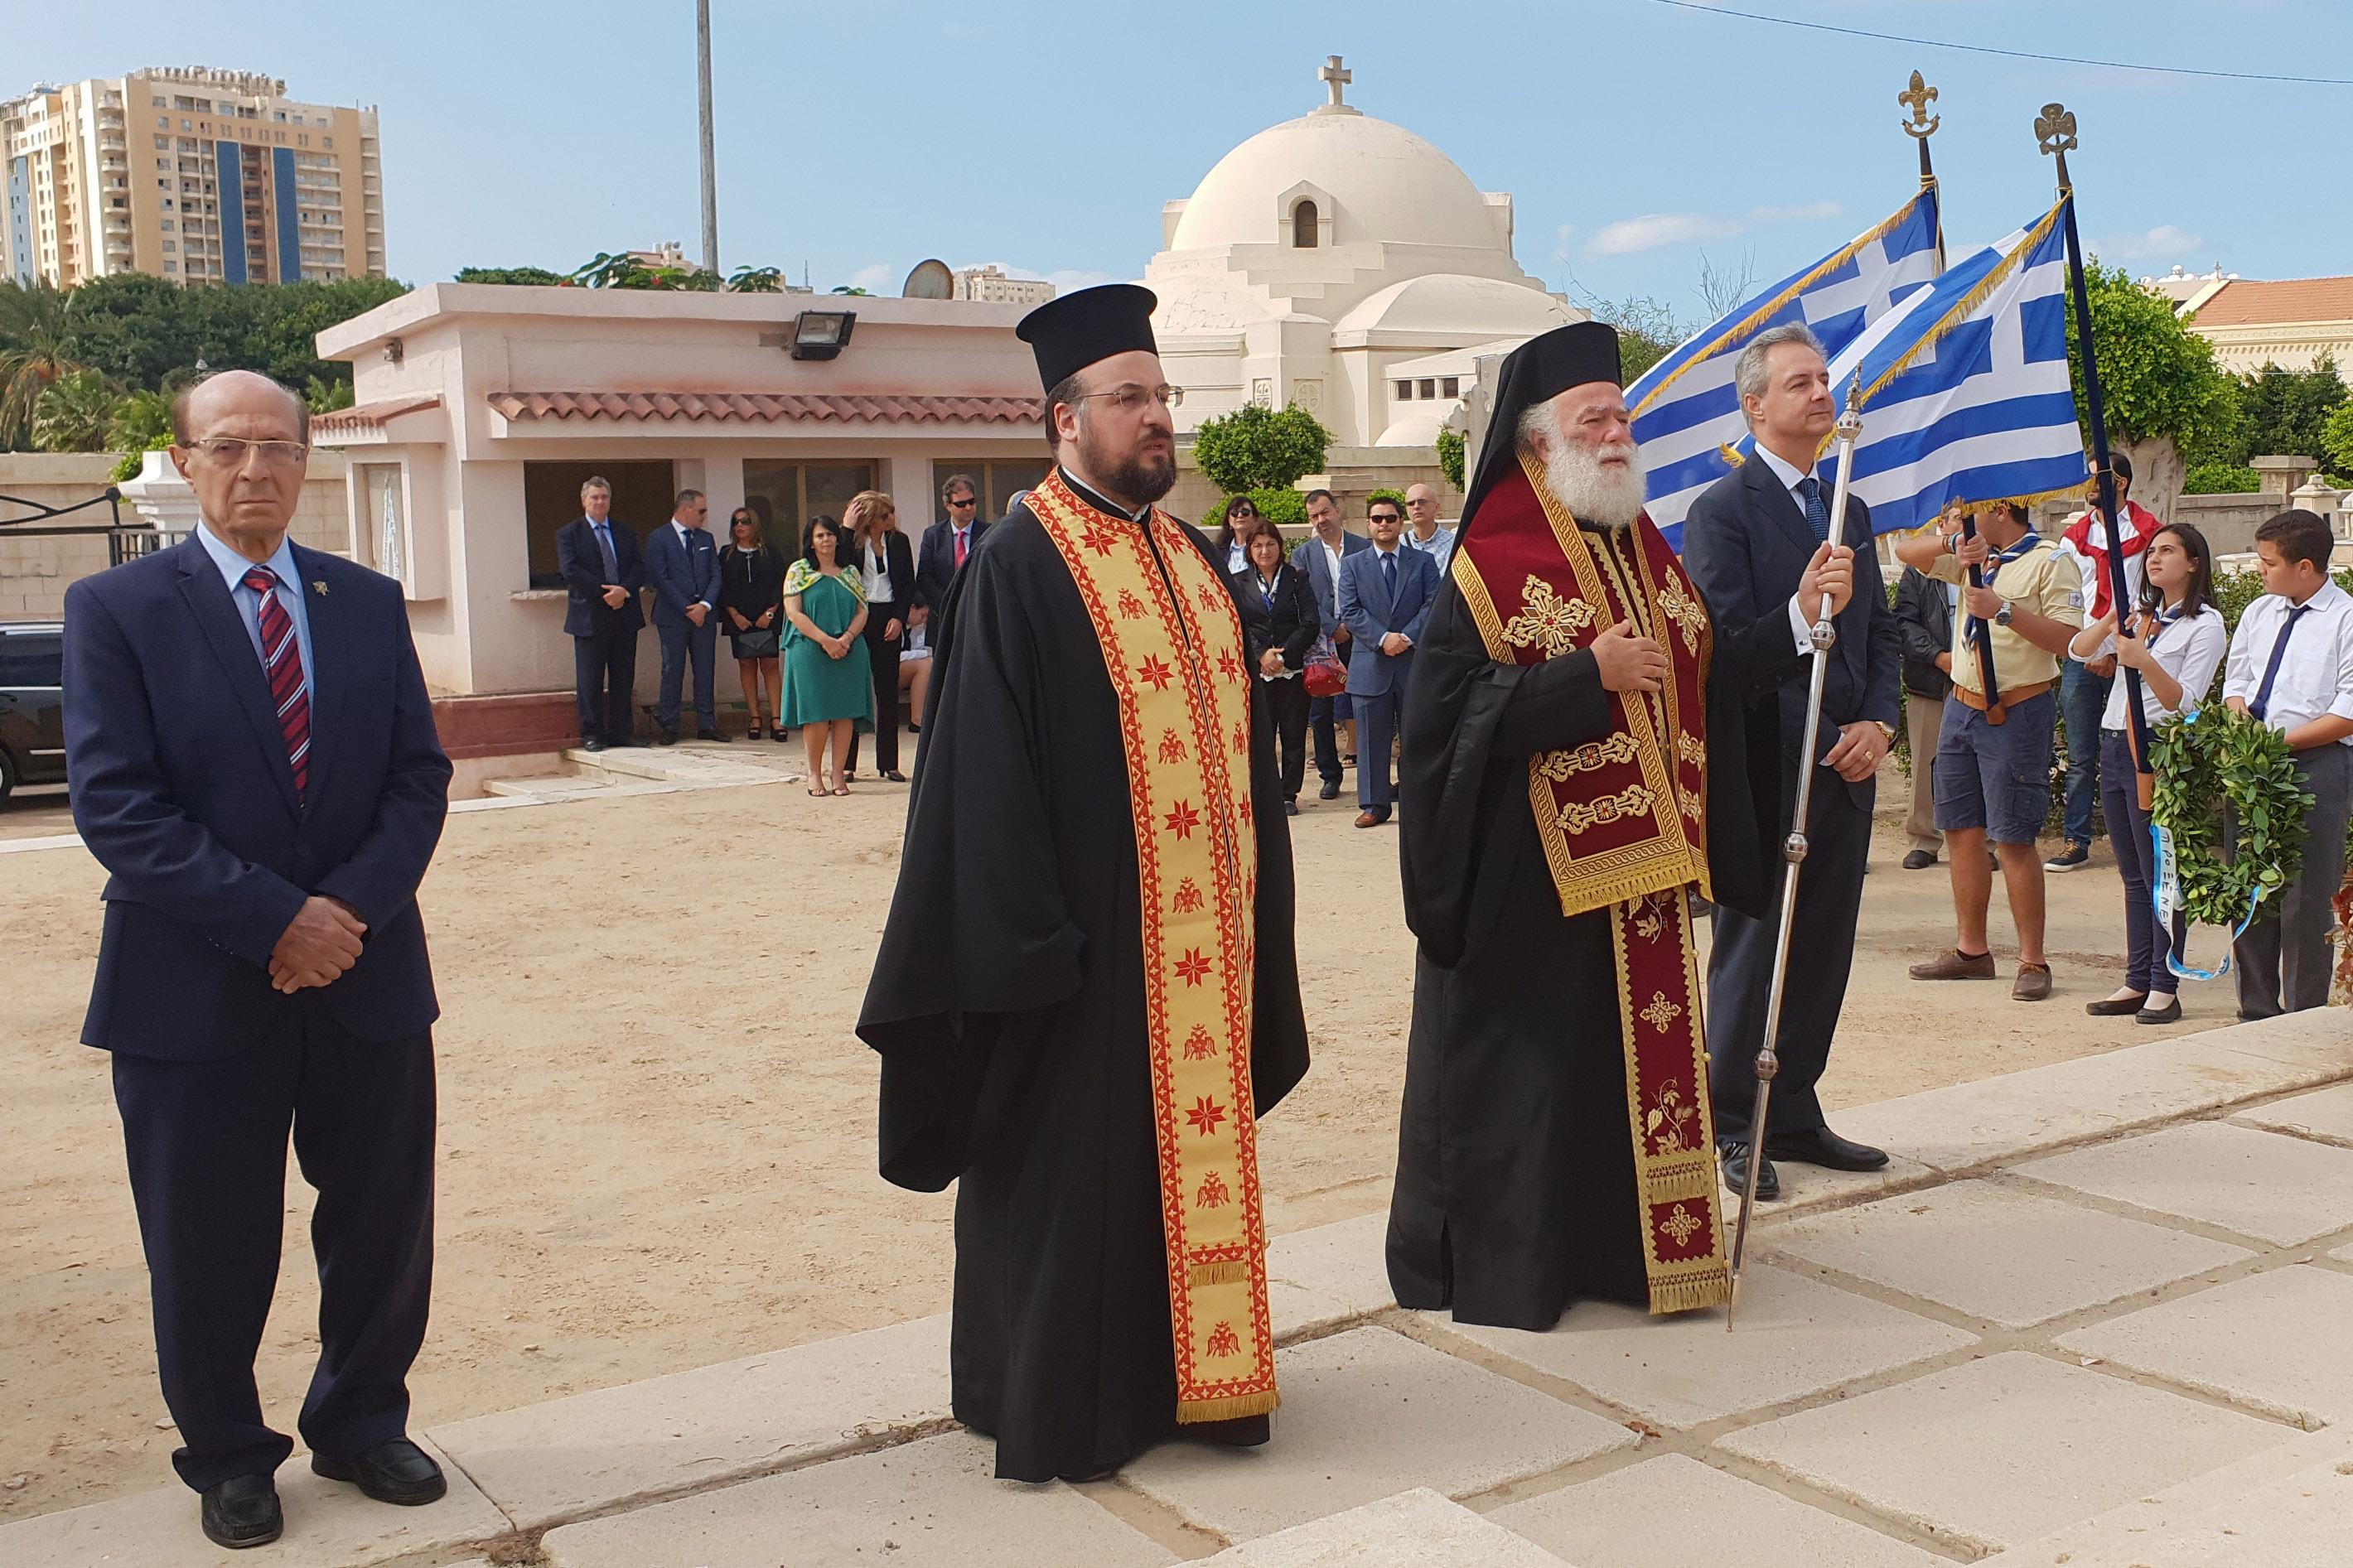 patriarchis-alexandreias-kai-pasis-afrikis-den-kleinoyme-tis-ekklisies-alla-tis-anoigoyme5